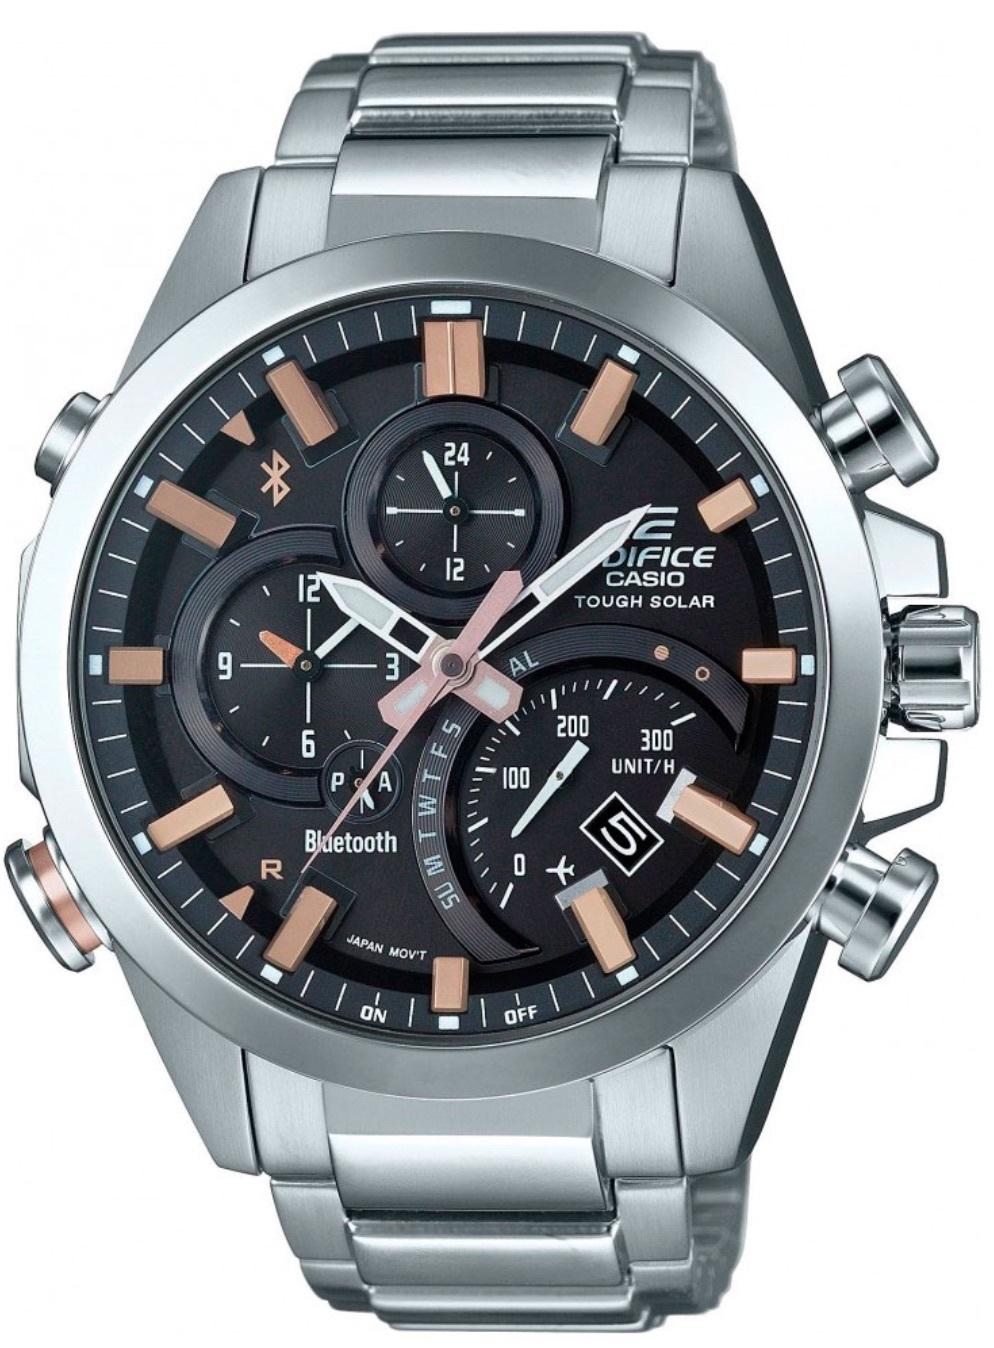 Casio Edifice EQB-500D-1A2 / EQB-500D-1A2ER - мужские наручные часыCasio<br><br><br>Бренд: Casio<br>Модель: Casio EQB-500D-1A2<br>Артикул: EQB-500D-1A2<br>Вариант артикула: EQB-500D-1A2ER<br>Коллекция: Edifice<br>Подколлекция: None<br>Страна: Япония<br>Пол: мужские<br>Тип механизма: кварцевые<br>Механизм: None<br>Количество камней: None<br>Автоподзавод: None<br>Источник энергии: от солнечной батареи<br>Срок службы элемента питания: None<br>Дисплей: стрелки<br>Цифры: отсутствуют<br>Водозащита: WR 100<br>Противоударные: None<br>Материал корпуса: нерж. сталь<br>Материал браслета: нерж. сталь<br>Материал безеля: None<br>Стекло: минеральное<br>Антибликовое покрытие: None<br>Цвет корпуса: None<br>Цвет браслета: None<br>Цвет циферблата: None<br>Цвет безеля: None<br>Размеры: 48.1x52x14.1 мм<br>Диаметр: None<br>Диаметр корпуса: None<br>Толщина: None<br>Ширина ремешка: None<br>Вес: 199 г<br>Спорт-функции: секундомер<br>Подсветка: стрелок<br>Вставка: None<br>Отображение даты: вечный календарь, число, день недели<br>Хронограф: None<br>Таймер: None<br>Термометр: None<br>Хронометр: None<br>GPS: None<br>Радиосинхронизация: None<br>Барометр: None<br>Скелетон: None<br>Дополнительная информация: Bluetooth, авиарежим, функция сохранения энергии, работоспособность в полной темноте до 7 месяцев в обычном режиме и до 33 месяцев в режиме сохранения энергии<br>Дополнительные функции: индикатор запаса хода, второй часовой пояс, будильник